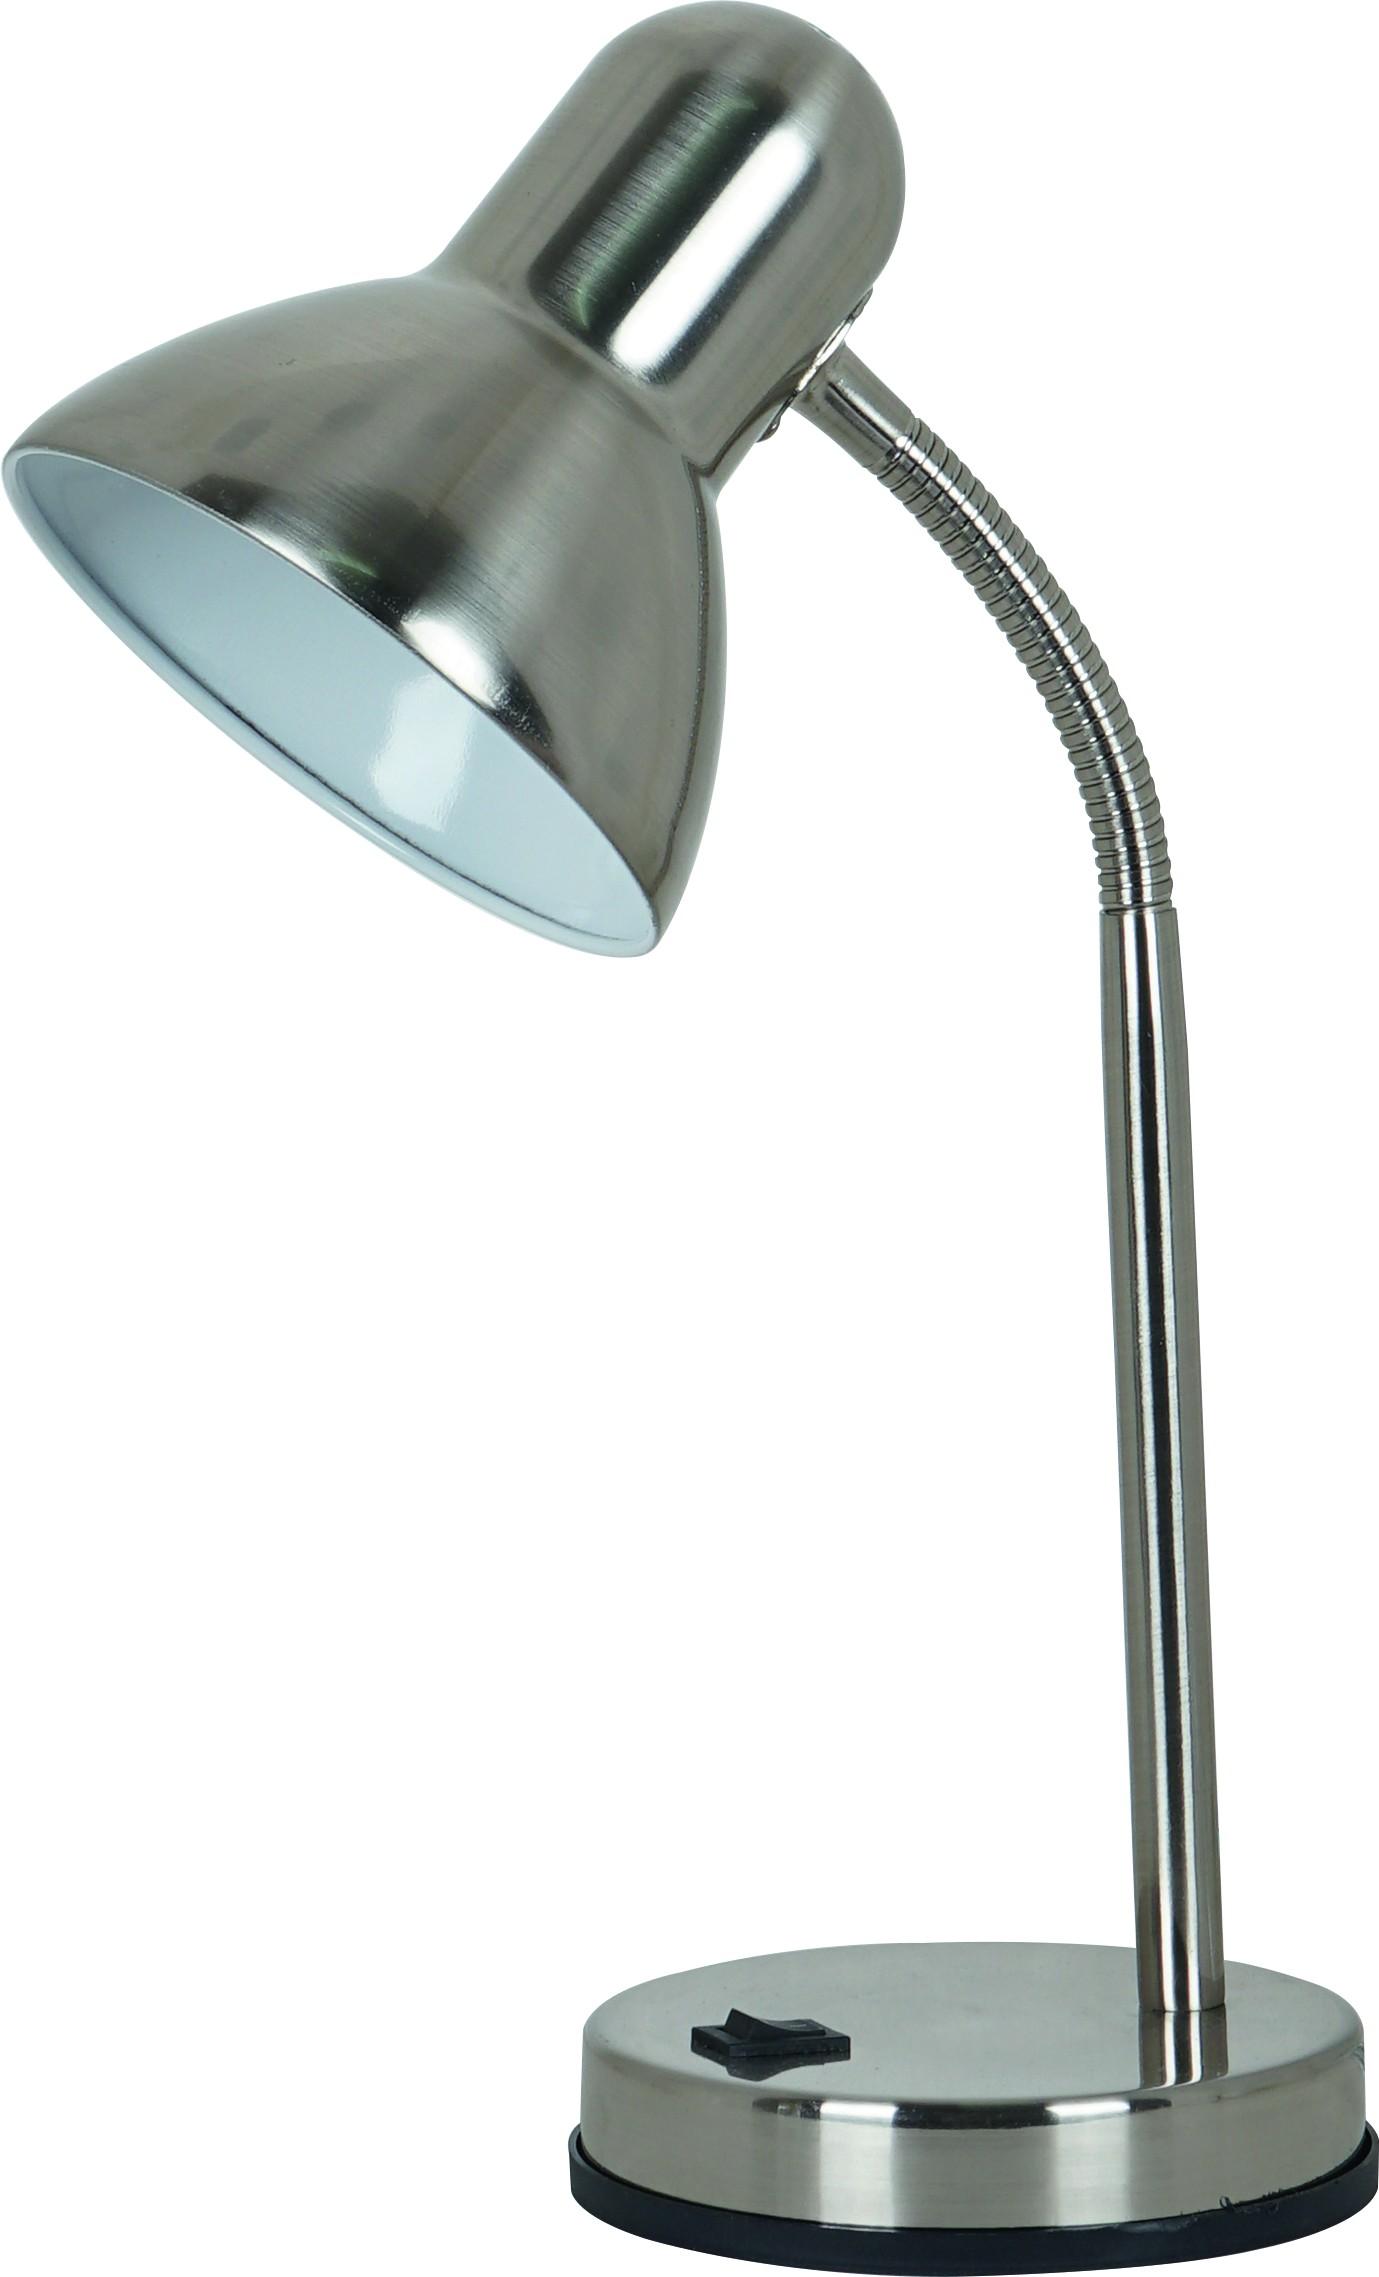 Лампа настольная Arte lamp A2488lt-1ss торшер 43 a2054pn 1ss arte lamp 1176958